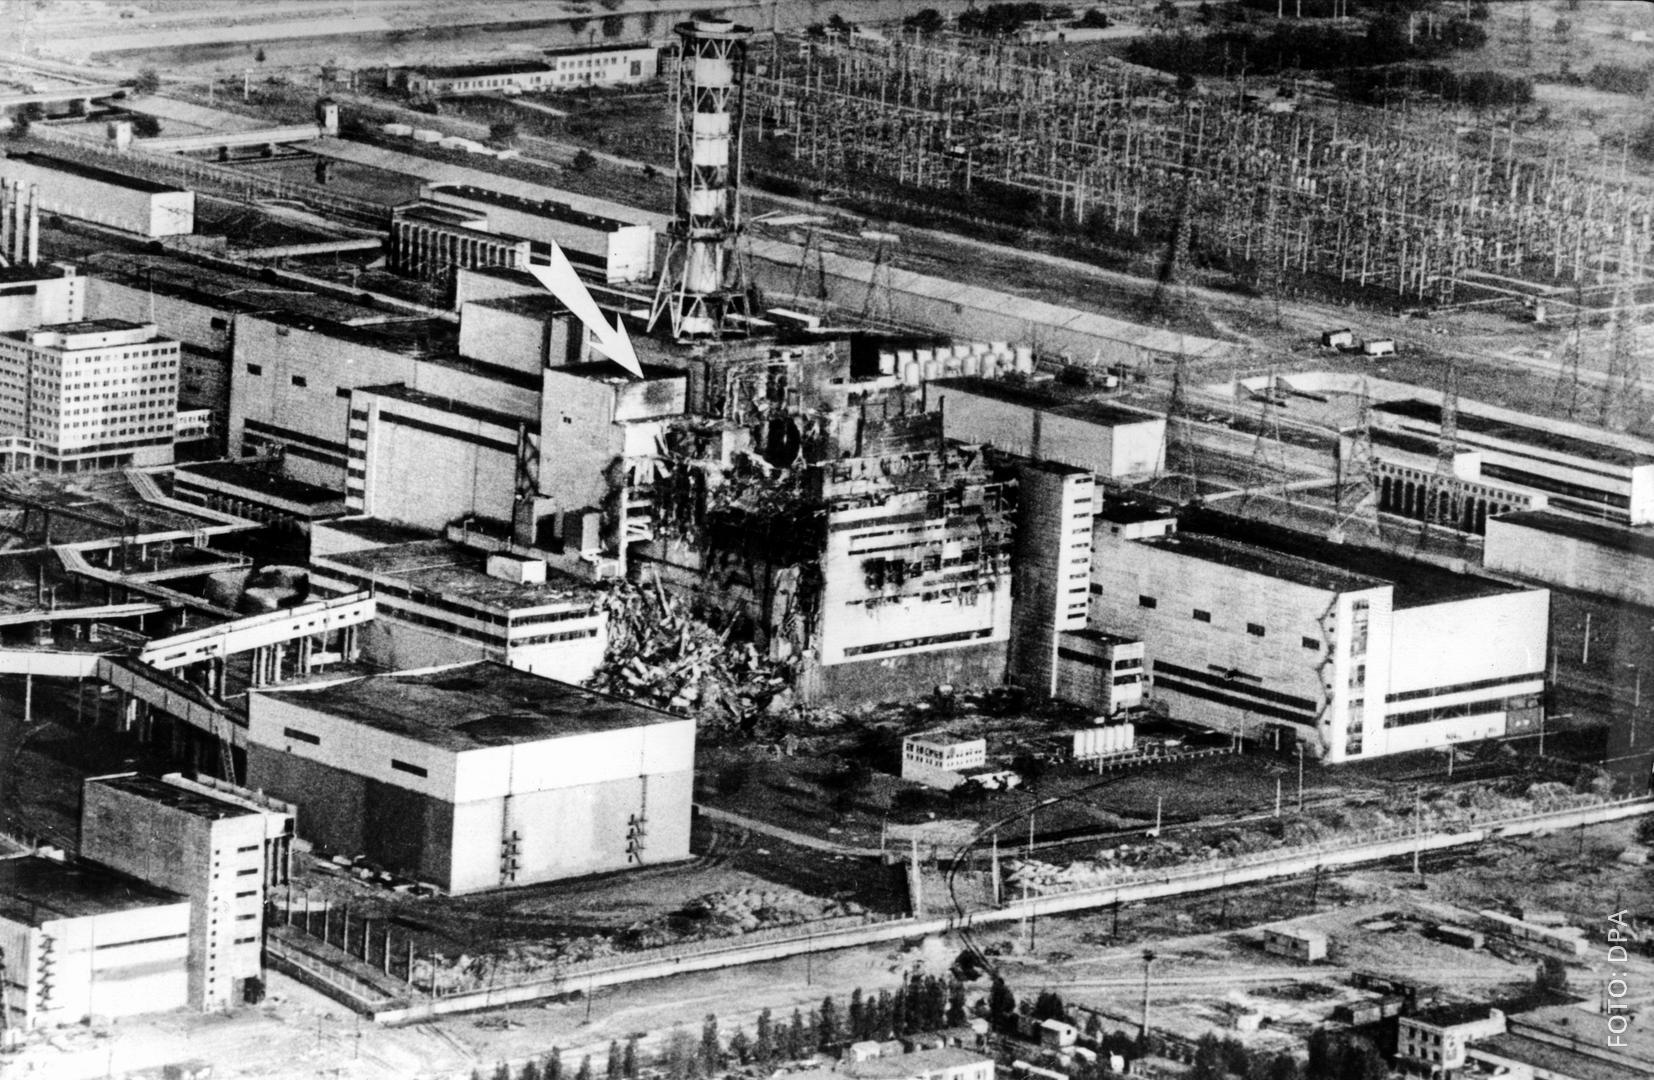 Die Ruine des explodierten Atomkraftwerks in Tschernobyl 1986